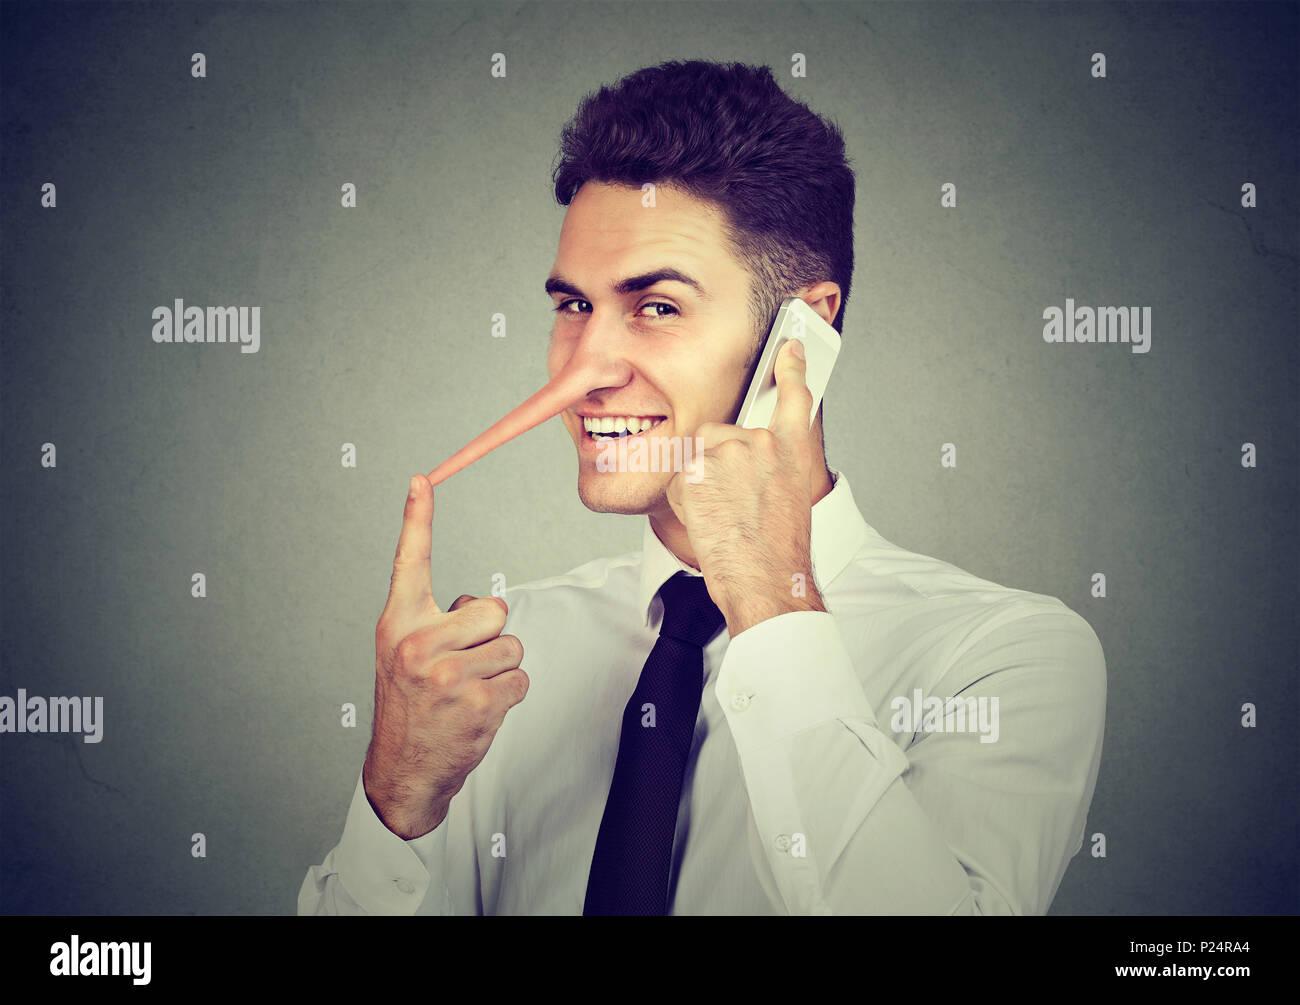 Sly joven con nariz larga hablando por teléfono móvil aislado sobre la pared gris de fondo. Concepto de mentiroso. Las emociones humanas los sentimientos, los rasgos de carácter Imagen De Stock